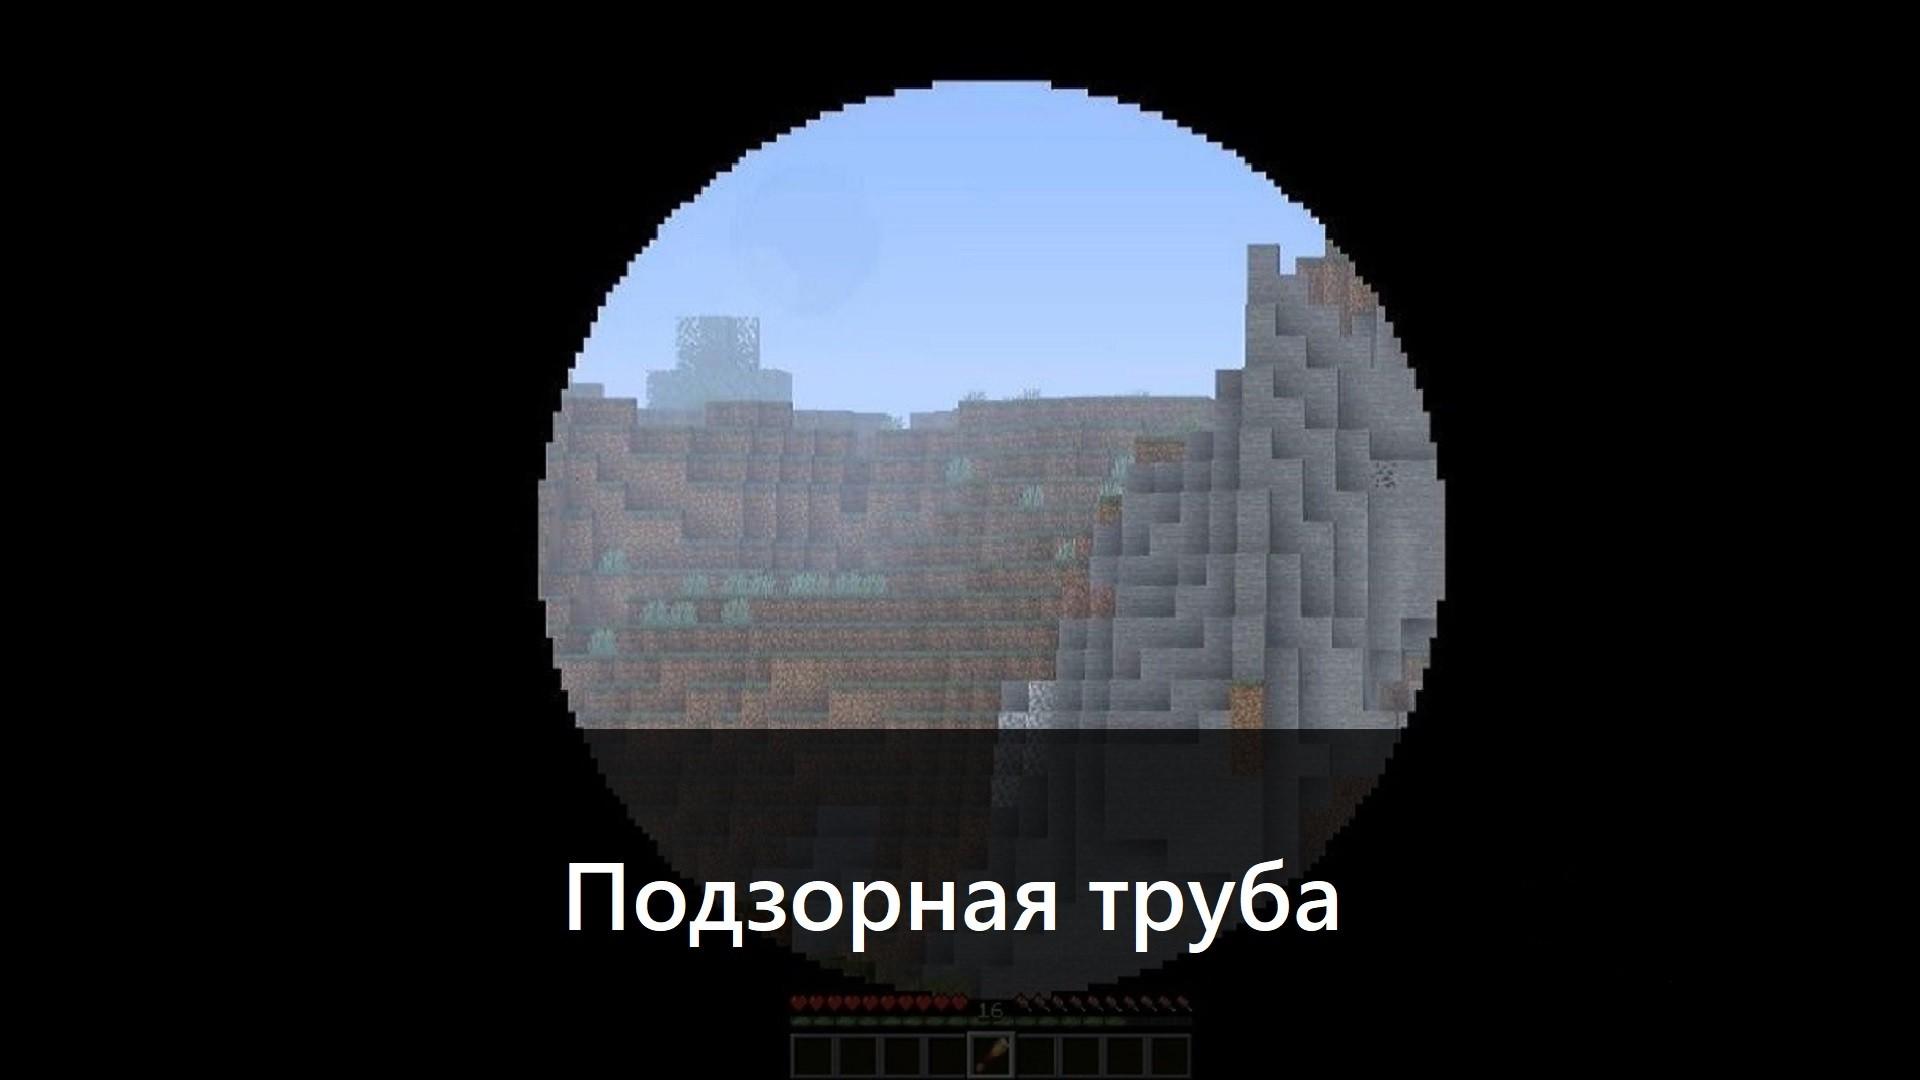 Подзорная труба в Майнкрафт ПЕ 1.17.0.58